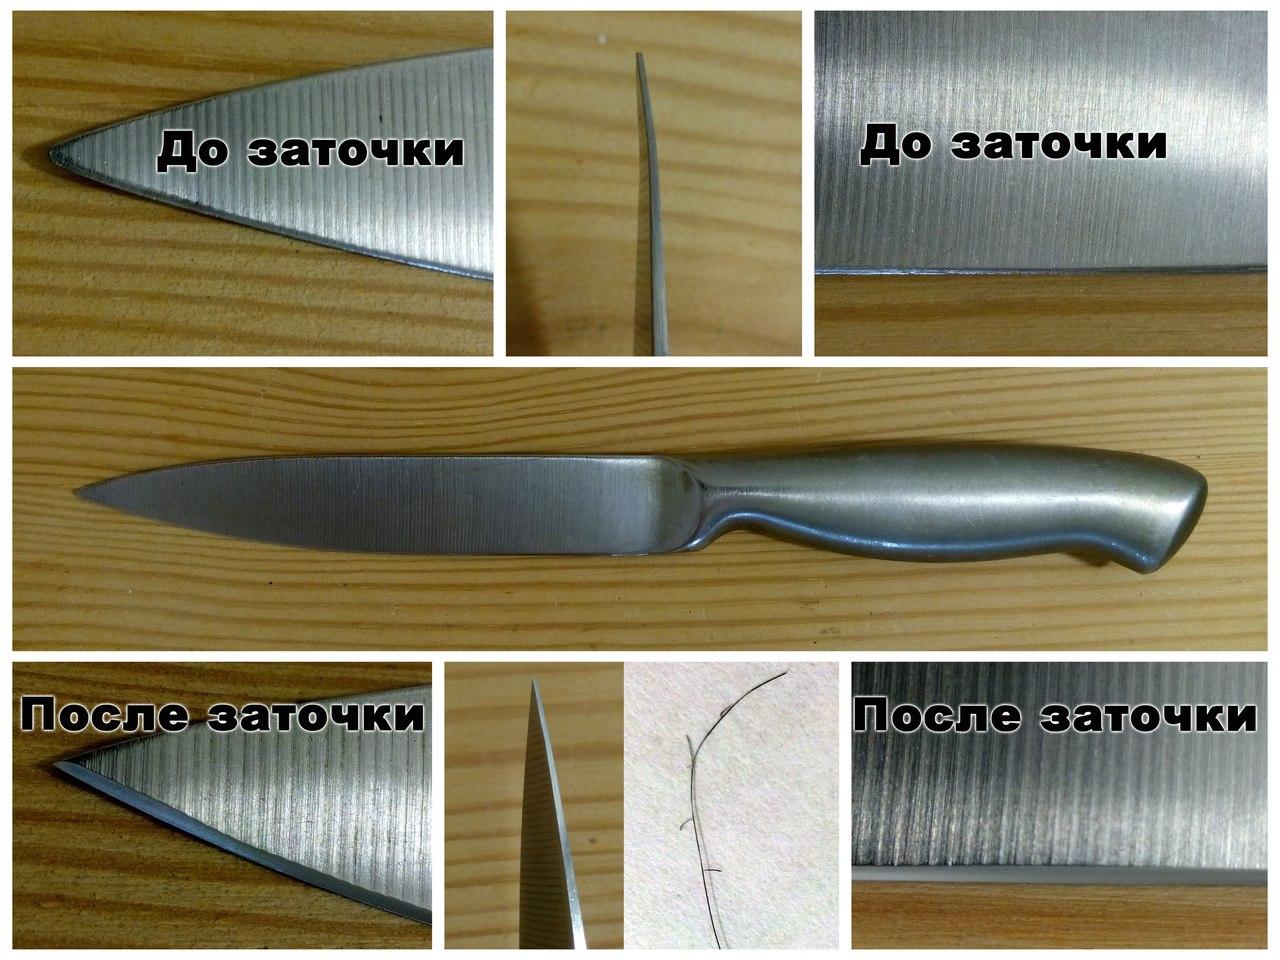 Угол заточки японских кухонных ножей